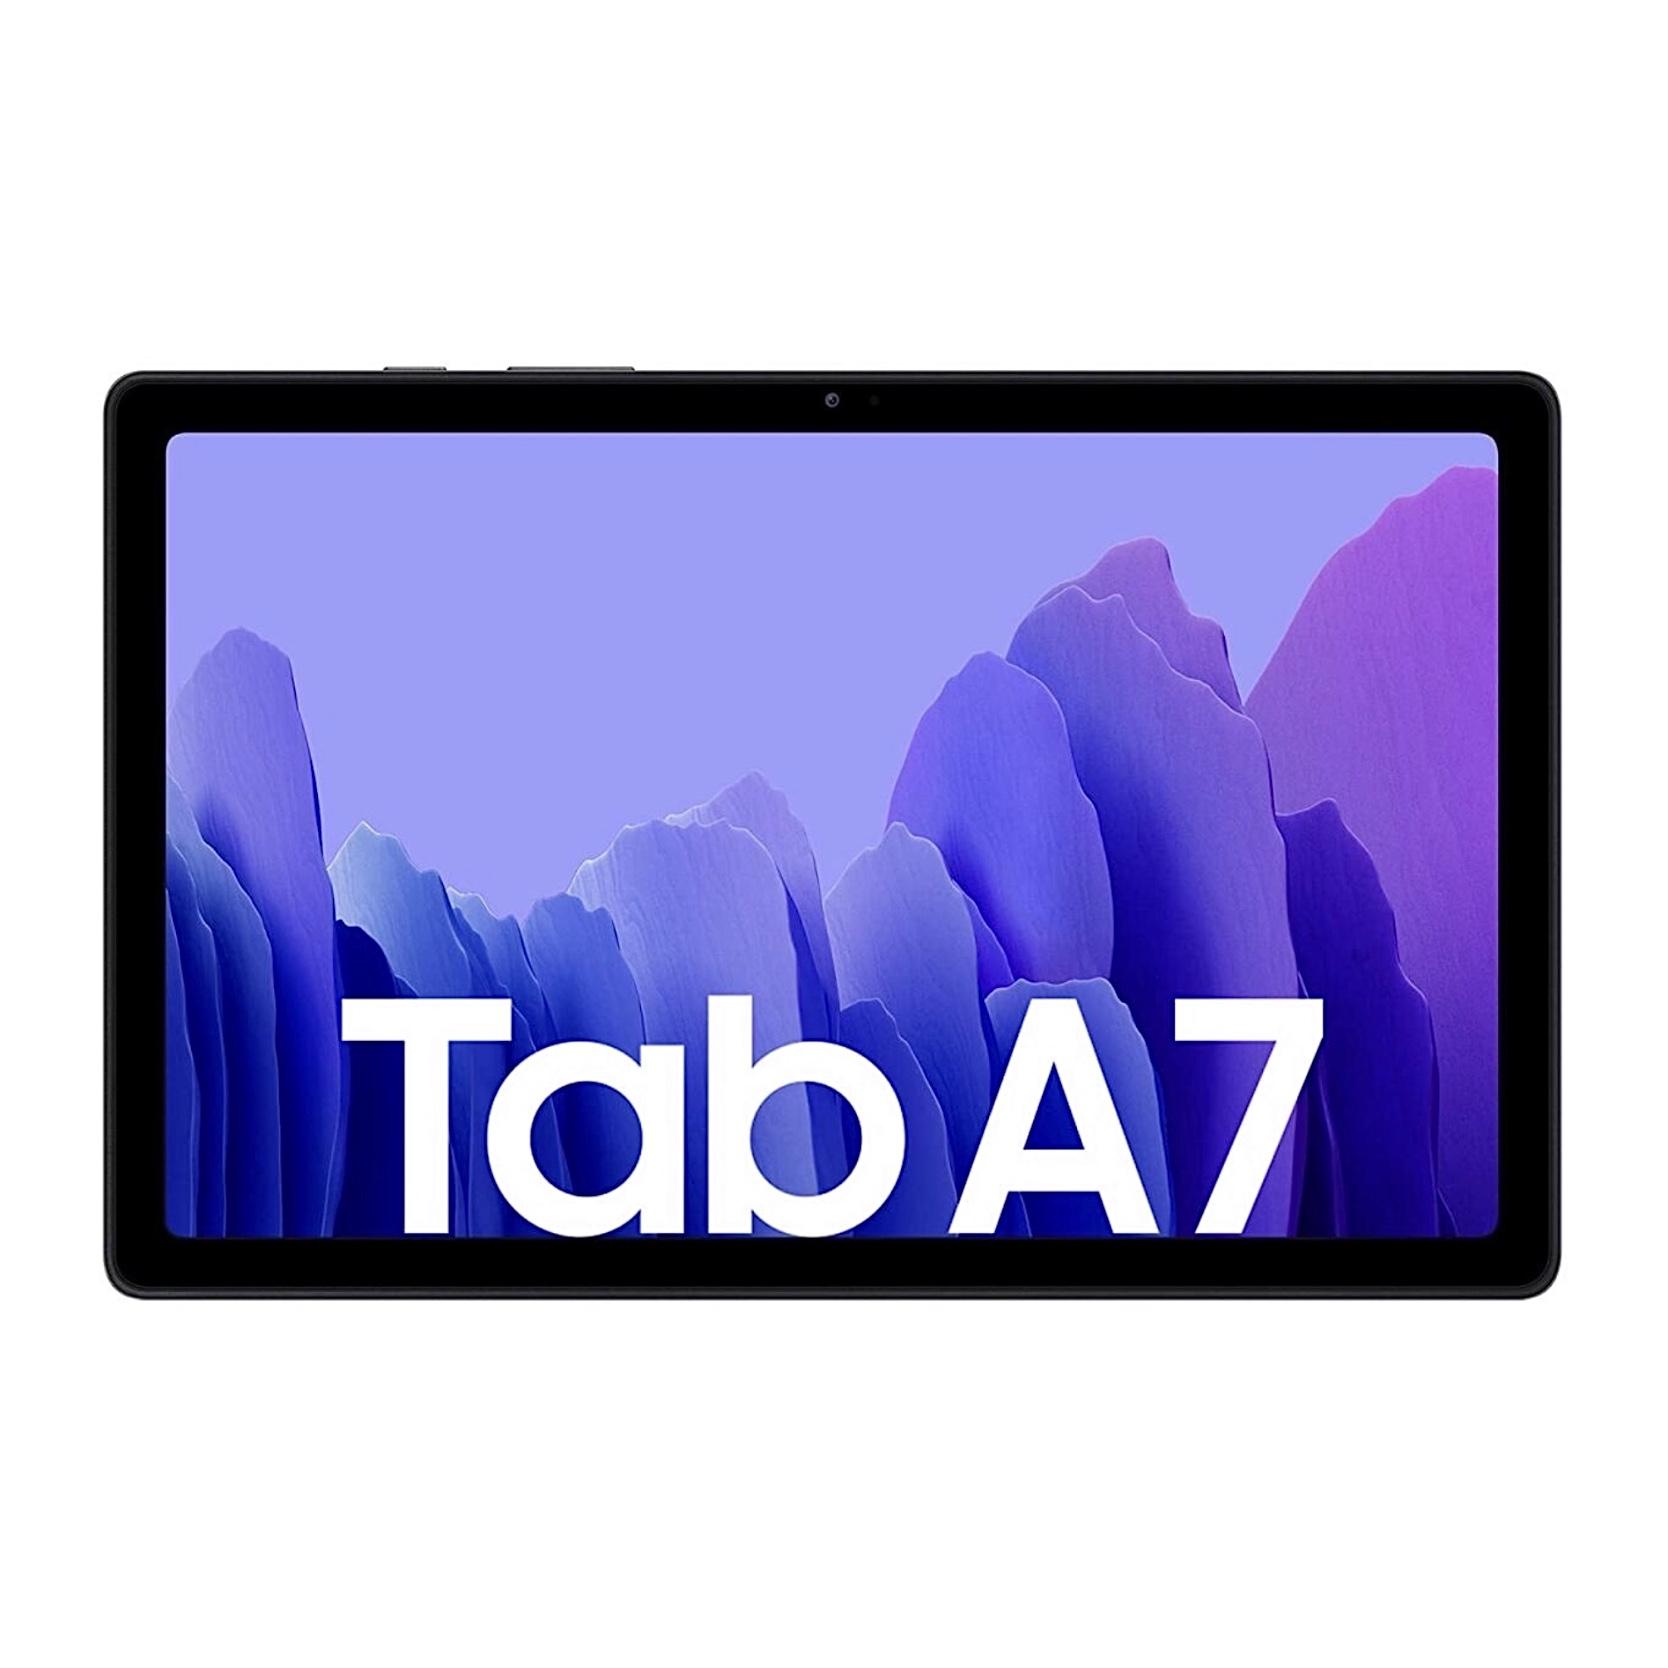 Galaxy TAB A7 10.4 pouces Pack de 2 x Verres renforces de protection ecran Premium 9H